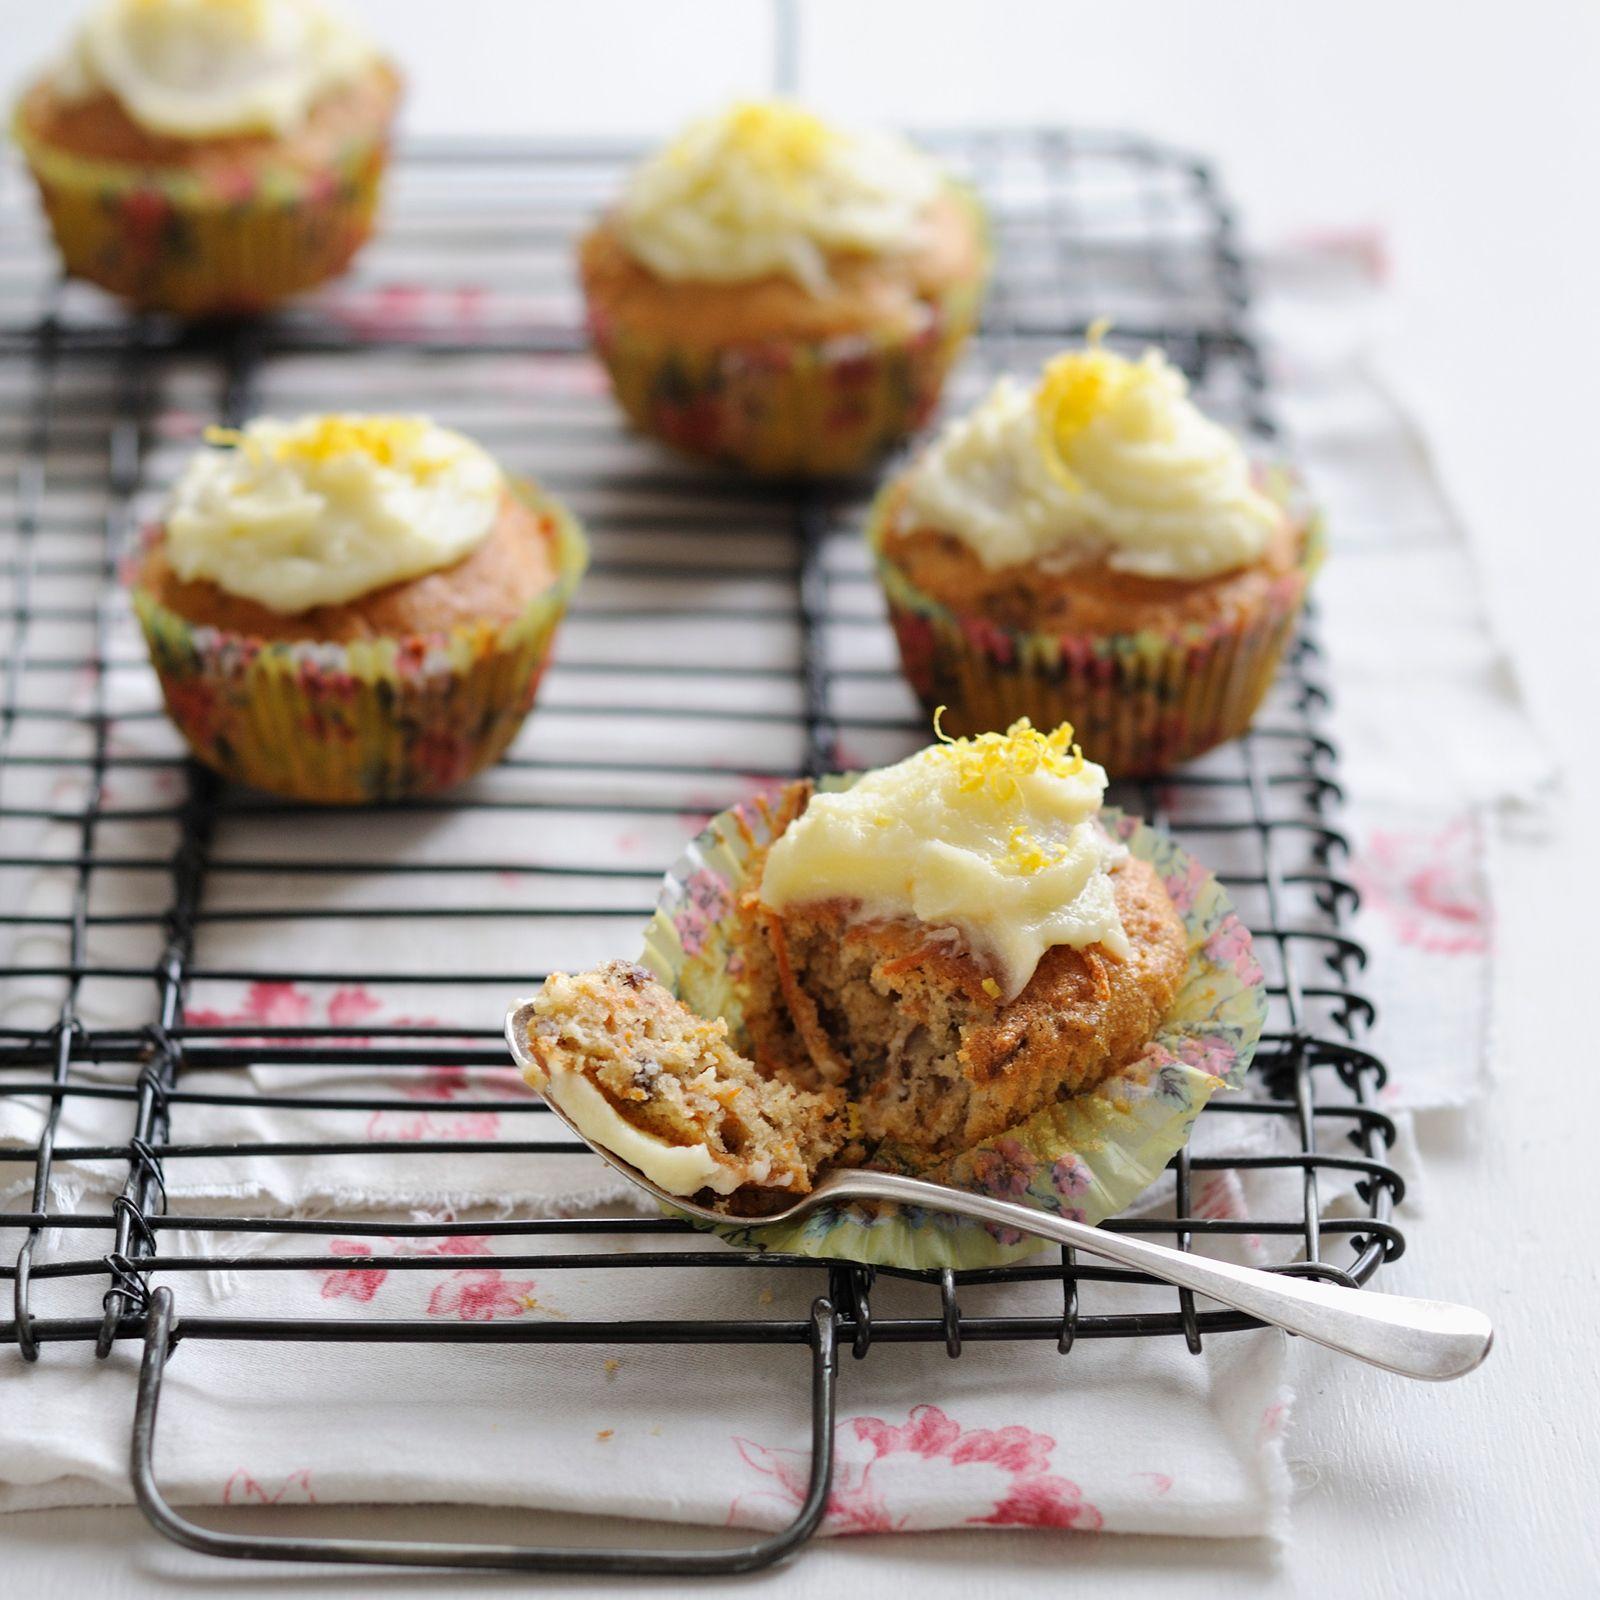 Découvrez la recette Cupcake façon carrot cake sur cuisineactuelle.fr.